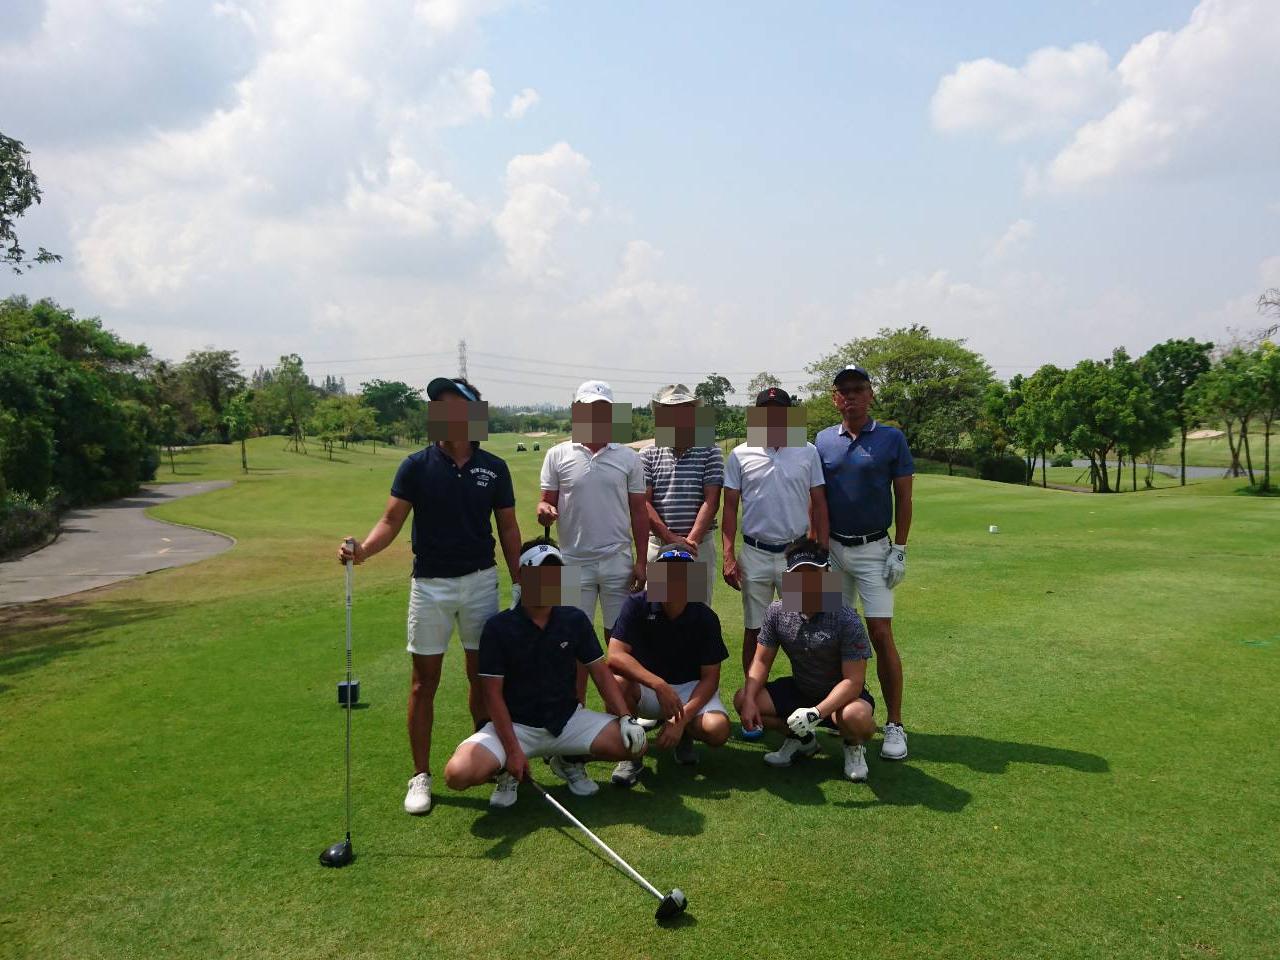 御堂21倶楽部様御一行「タイ・バンコク6泊4日 プライベートゴルフ合宿」